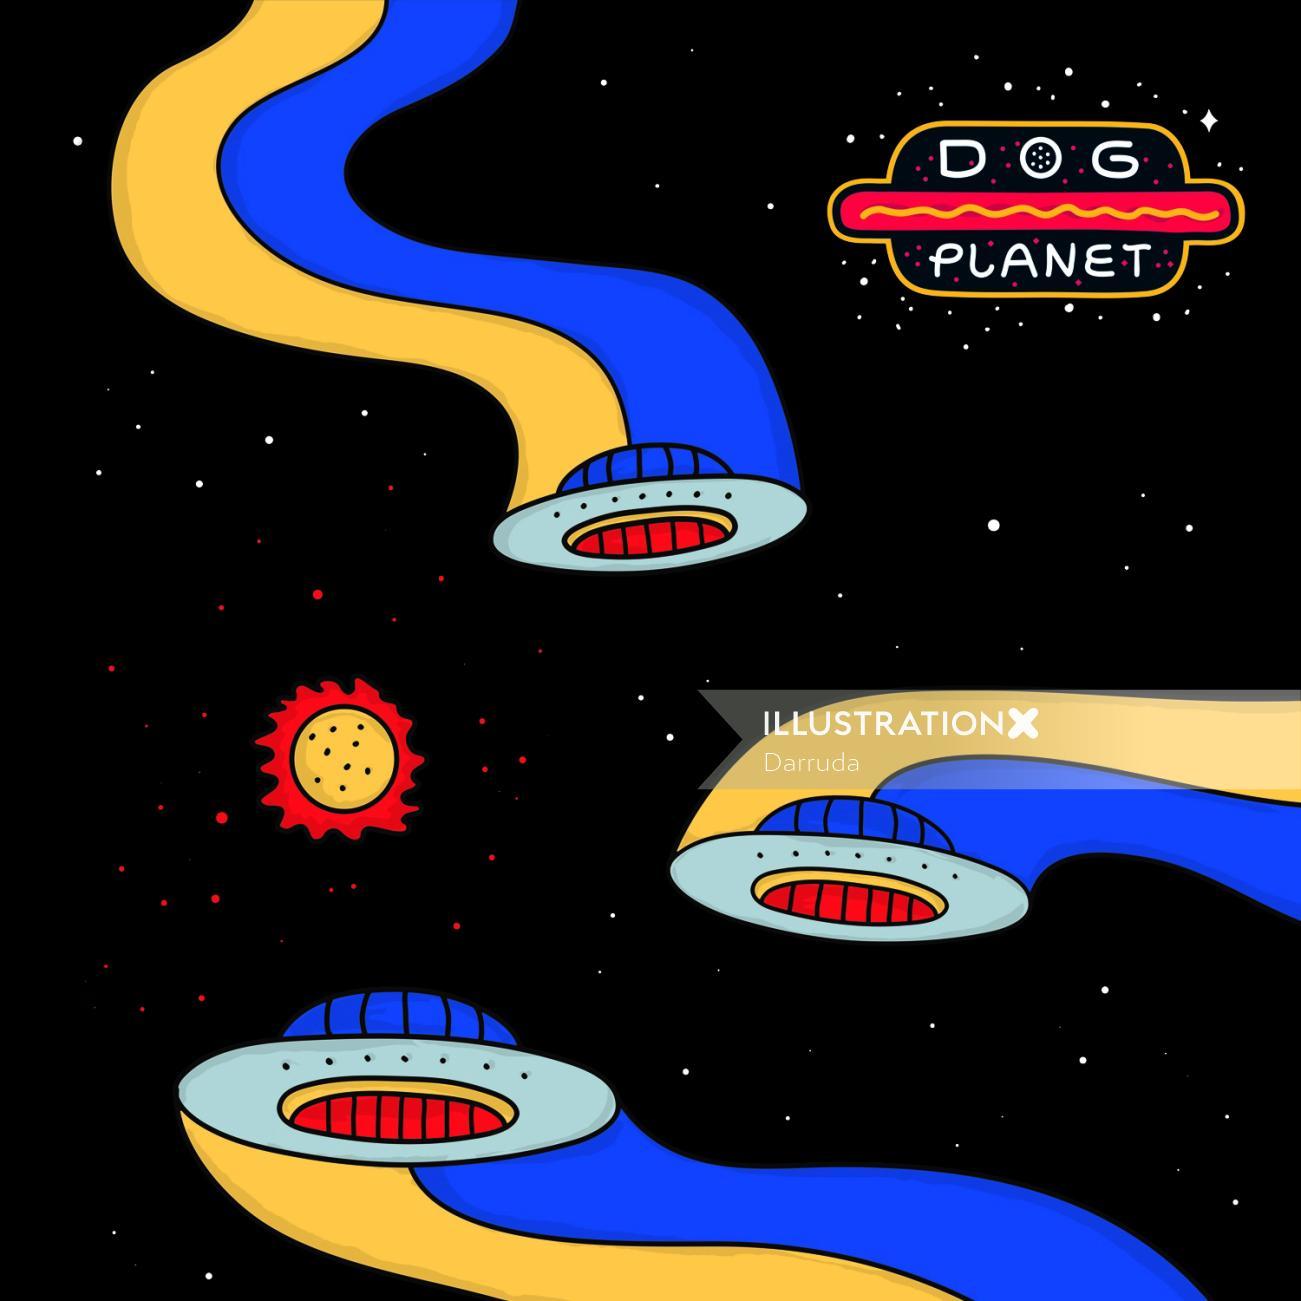 Dog Planet Hot-Dog Brand poster design by Darruda